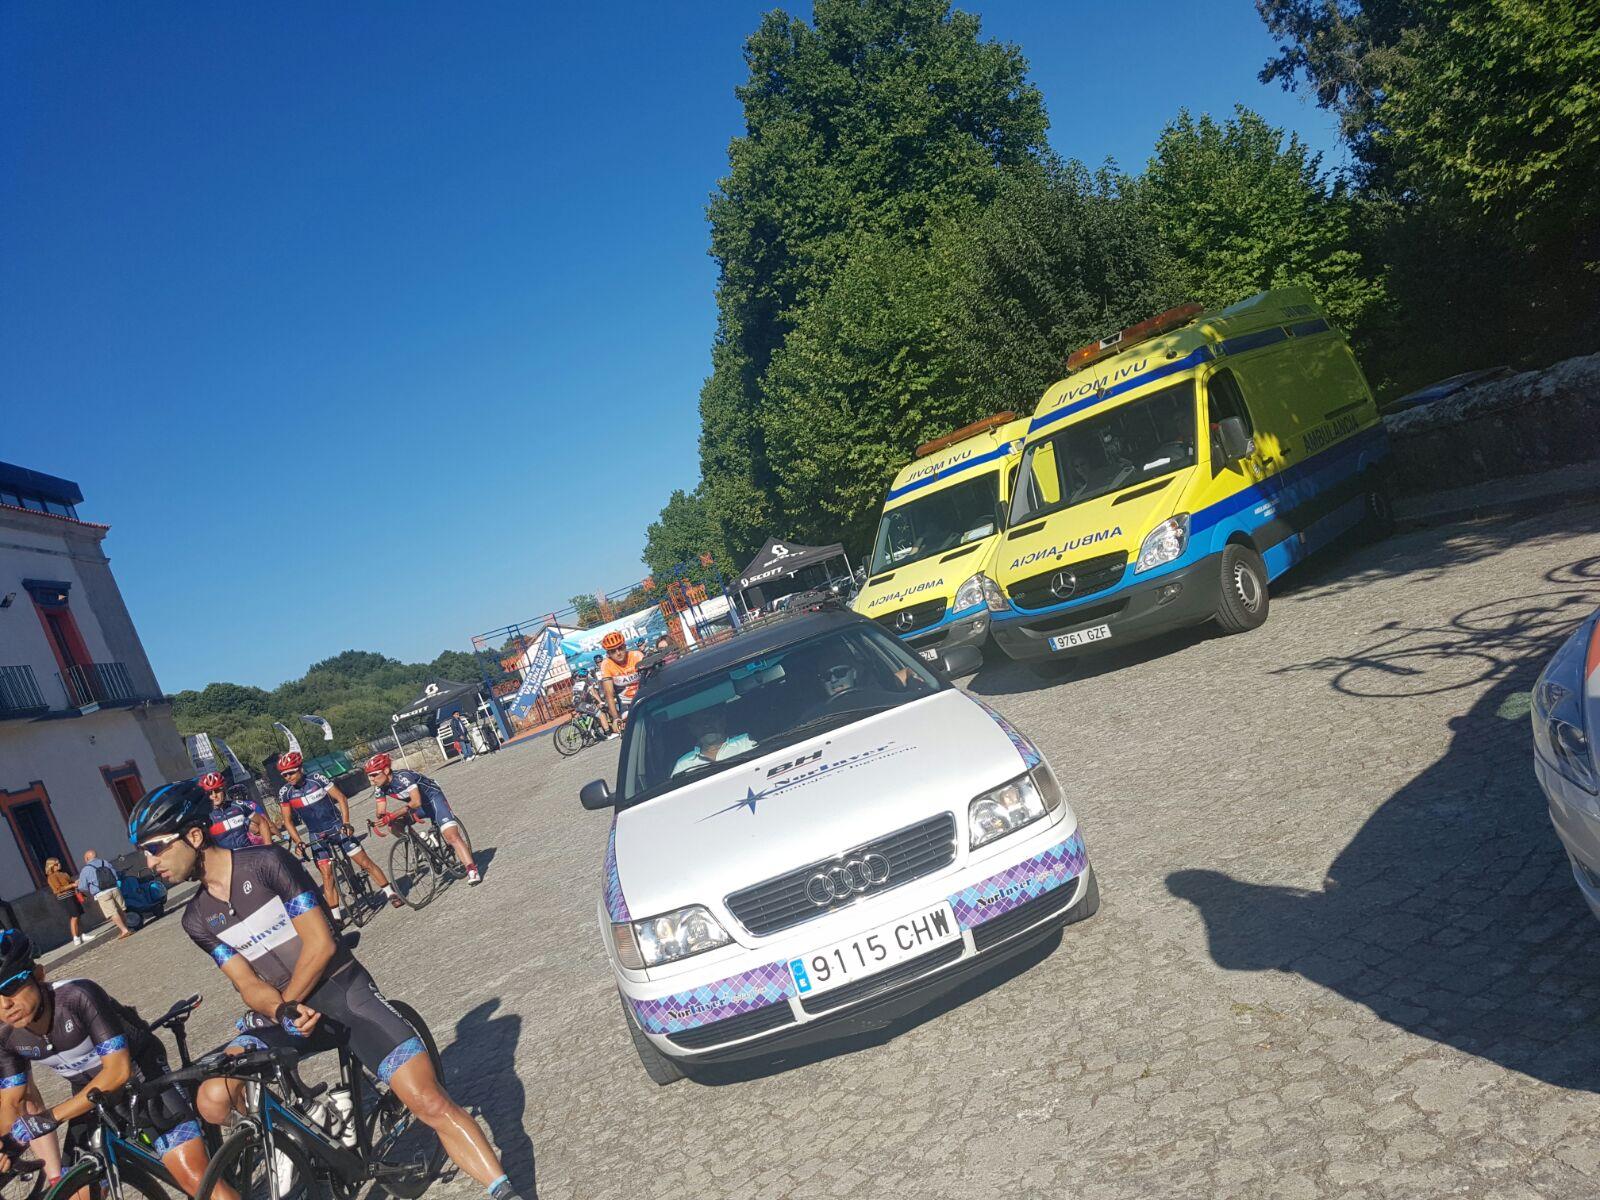 Campeonato Galicia ciclismo categoría máster